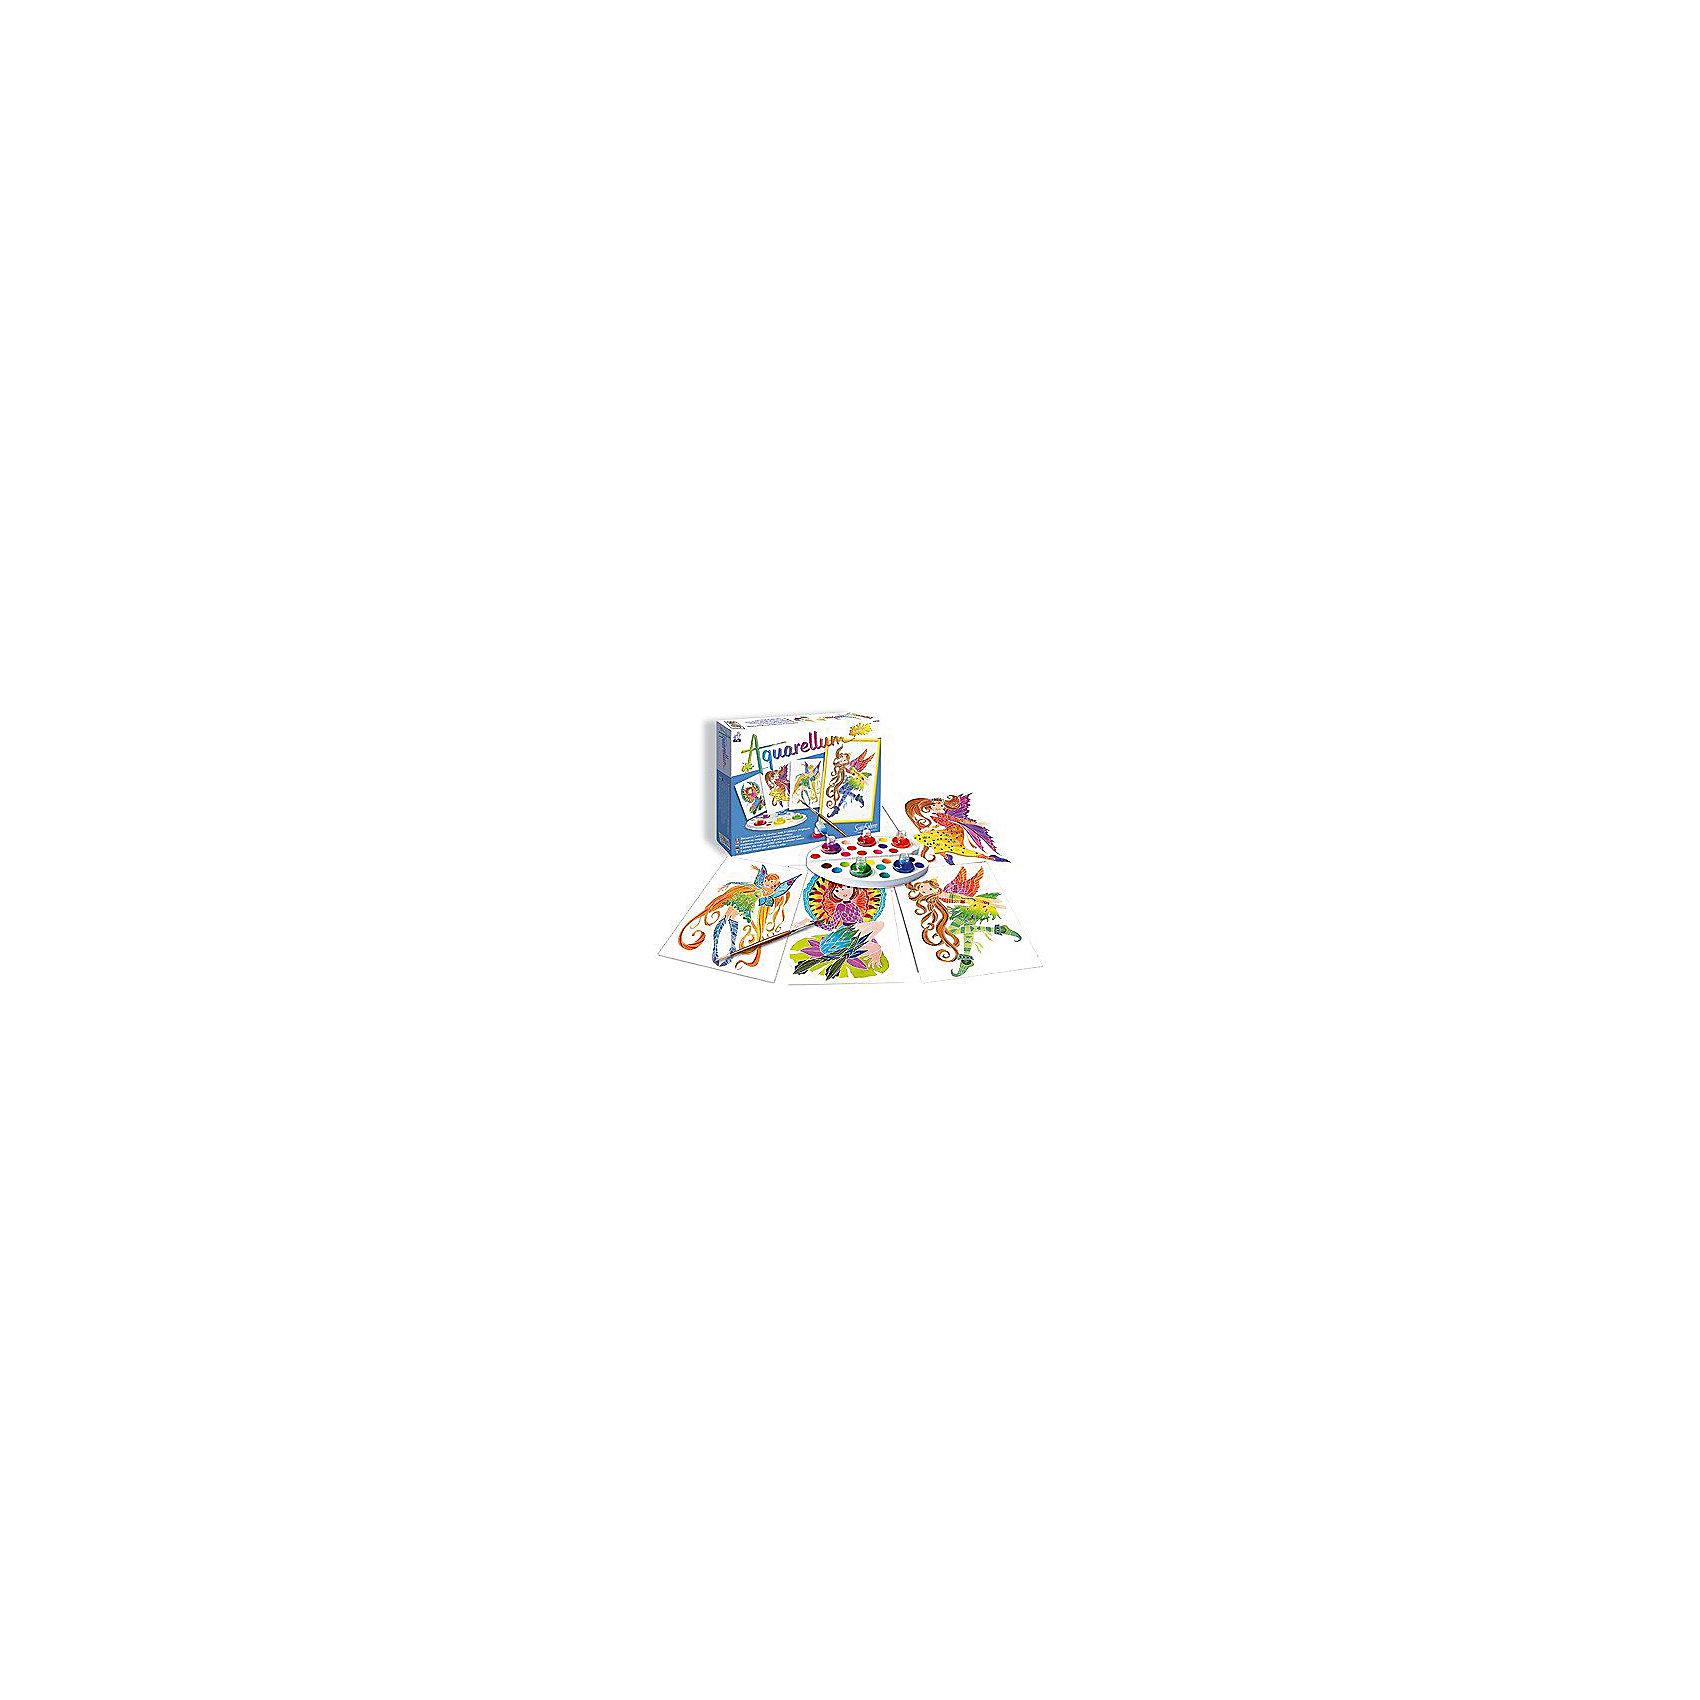 SentoSpherе 677 Акварельная раскраска НимфыВсего несколько капель красок и любой ребенок сможет создать настоящие произведения искусства. Акварель для детей основана на технике вставки в оправу тонкого пергамента. Эта техника позволяет картине приклеиться только на специальные поверхности: рисунок появляется по мере проведения кисточкой по бумаге. Картину можно перерисовывать несколько раз, чтобы получить самый красивый результат. Такая техника идеальна, чтобы научить детей составлению цветов. Кроме того, она развивает воображение, точность и внимание. 4 картины; 1 кисть очень высокого качества; 1 палитра для смешивания красок; 5 флаконов не токсичных акварельных красок; 1 пипетка для дозировки красок; 1 инструкция<br><br>Ширина мм: 270<br>Глубина мм: 200<br>Высота мм: 36<br>Вес г: 281<br>Возраст от месяцев: 72<br>Возраст до месяцев: 109<br>Пол: Женский<br>Возраст: Детский<br>SKU: 2176765